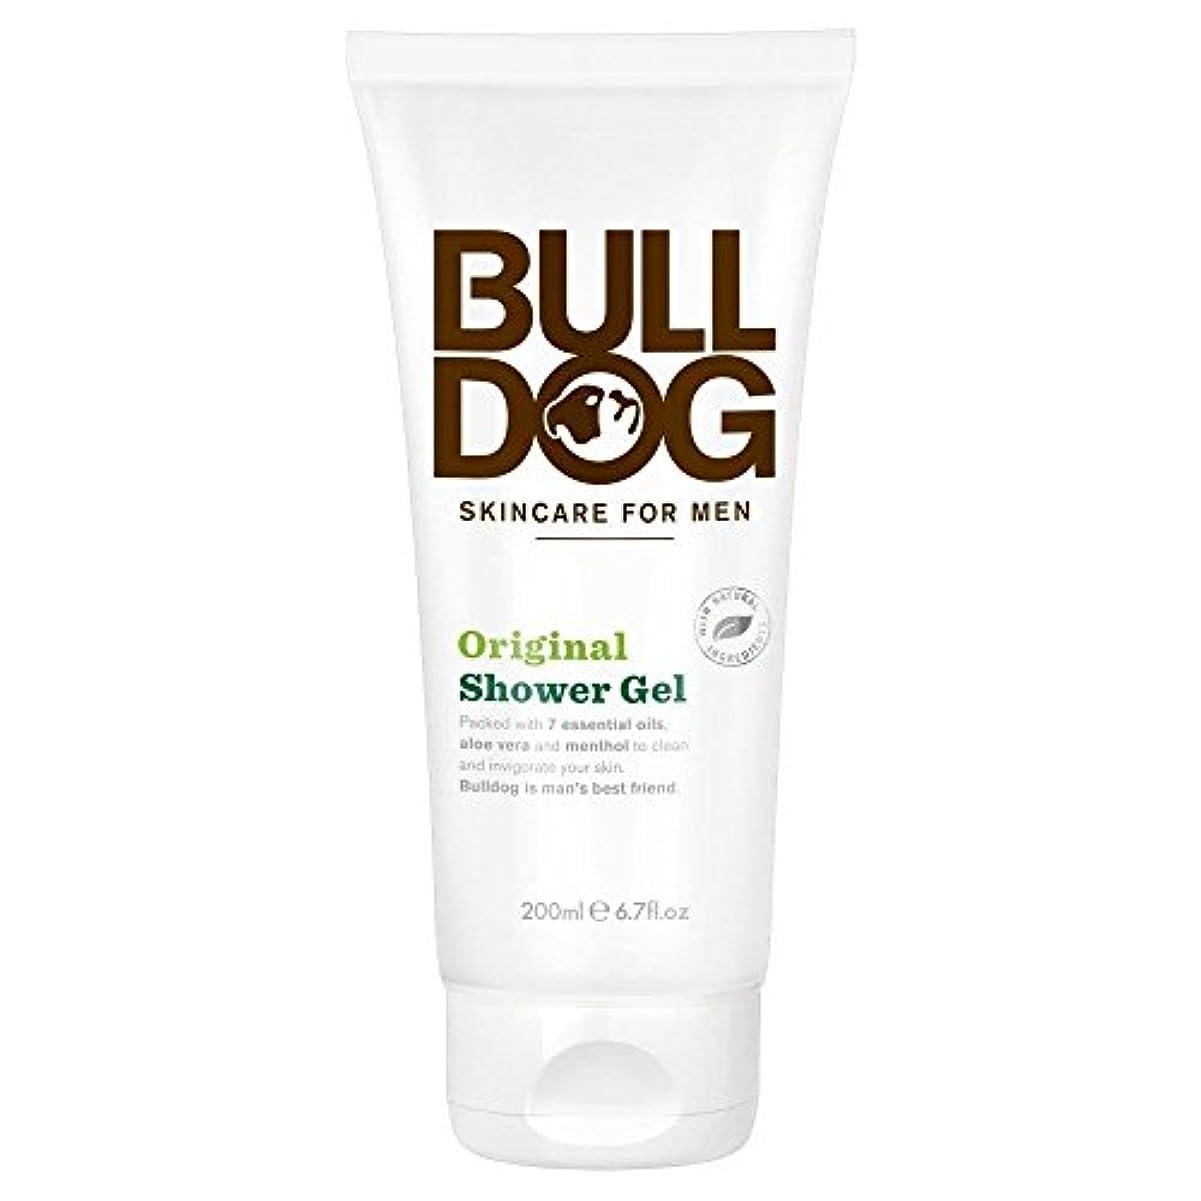 まどろみのあるウール才能のあるBulldog Shower Gel - Original (200ml) ブルドッグのシャワージェル - 元( 200ミリリットル)